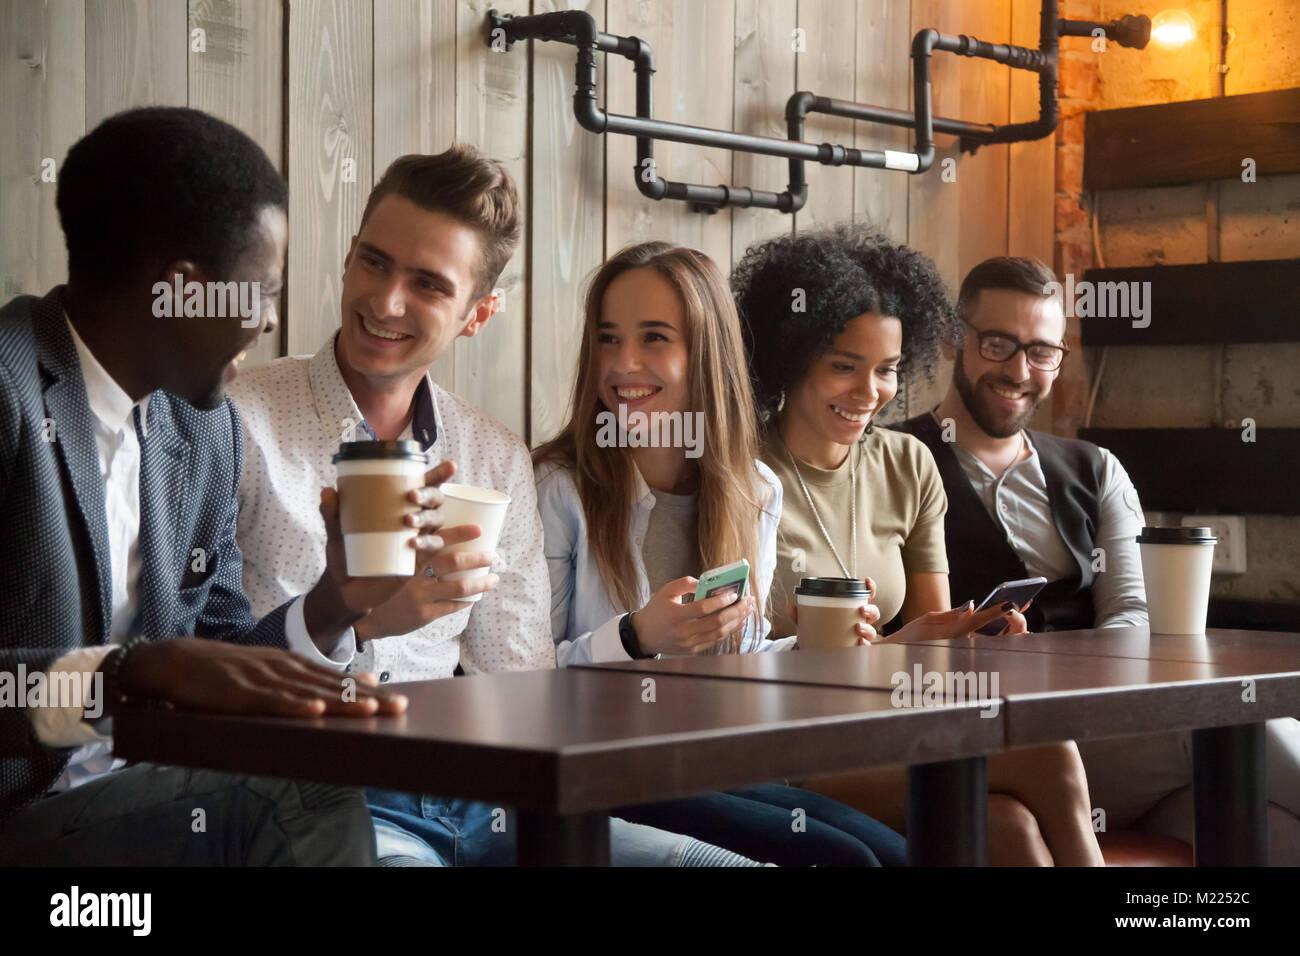 Glücklich, multi-ethnischen Gruppe von Freunden sprechen mit Smartphones Stockbild